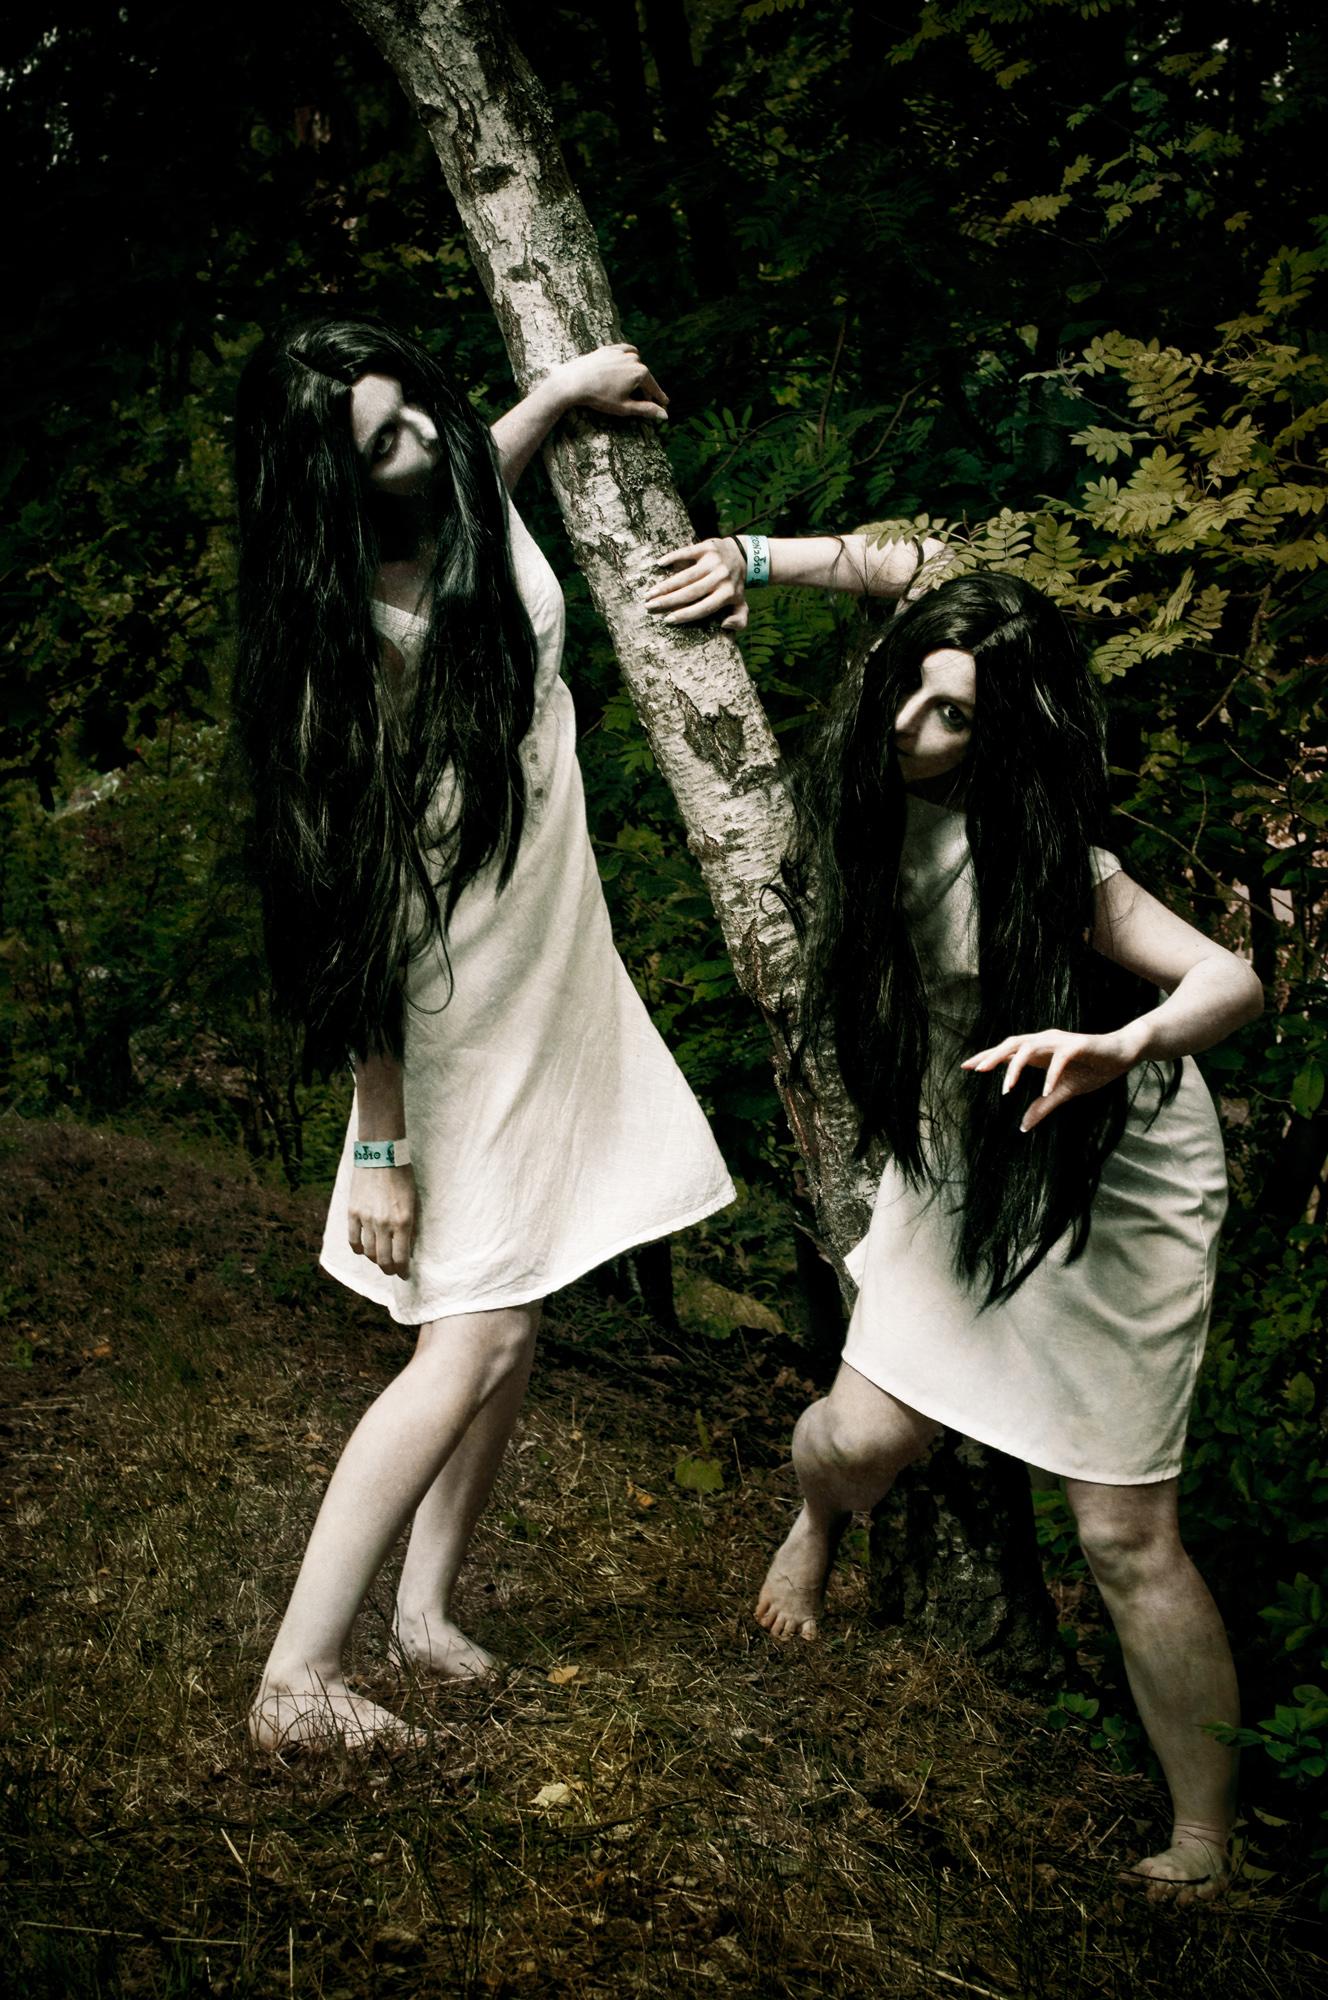 Kaksi aavemaista neitoa puun edessä.